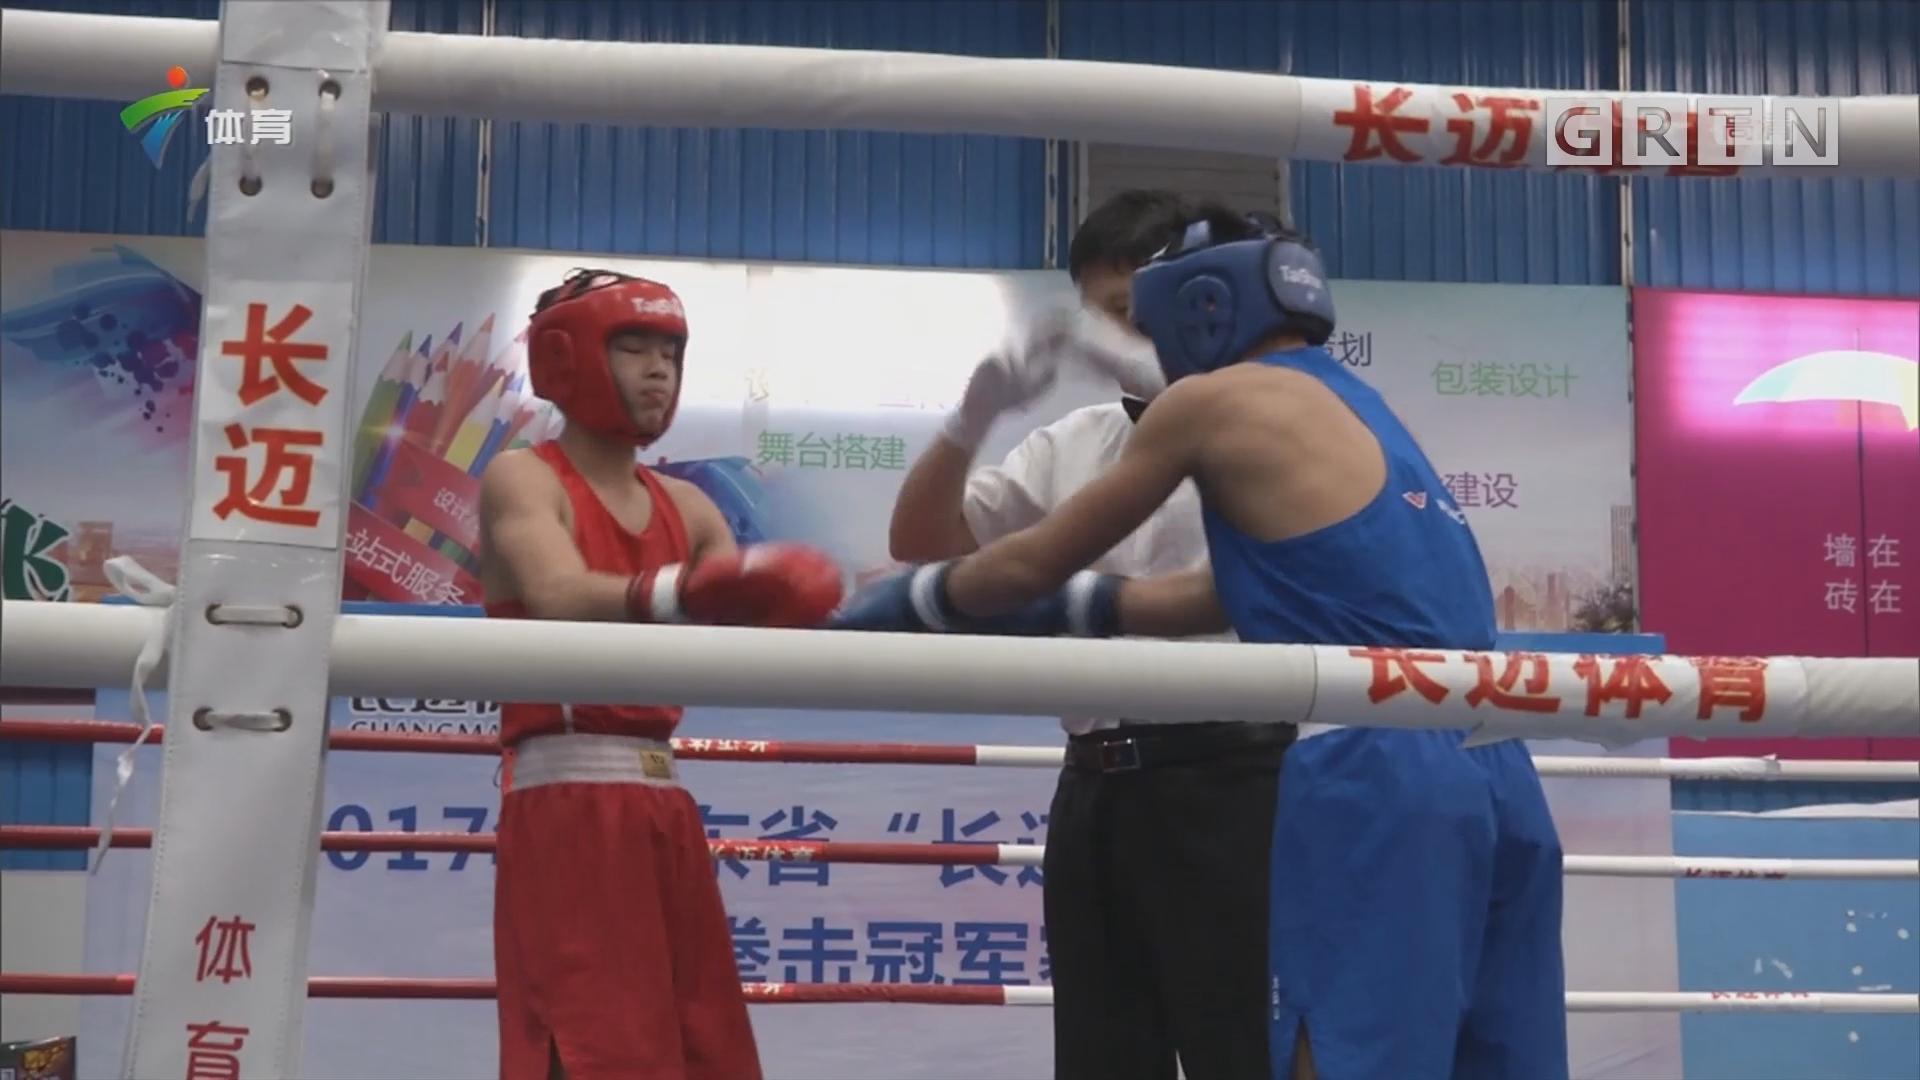 广东省青少年拳击冠军赛落幕 肇庆队夺得团体冠军